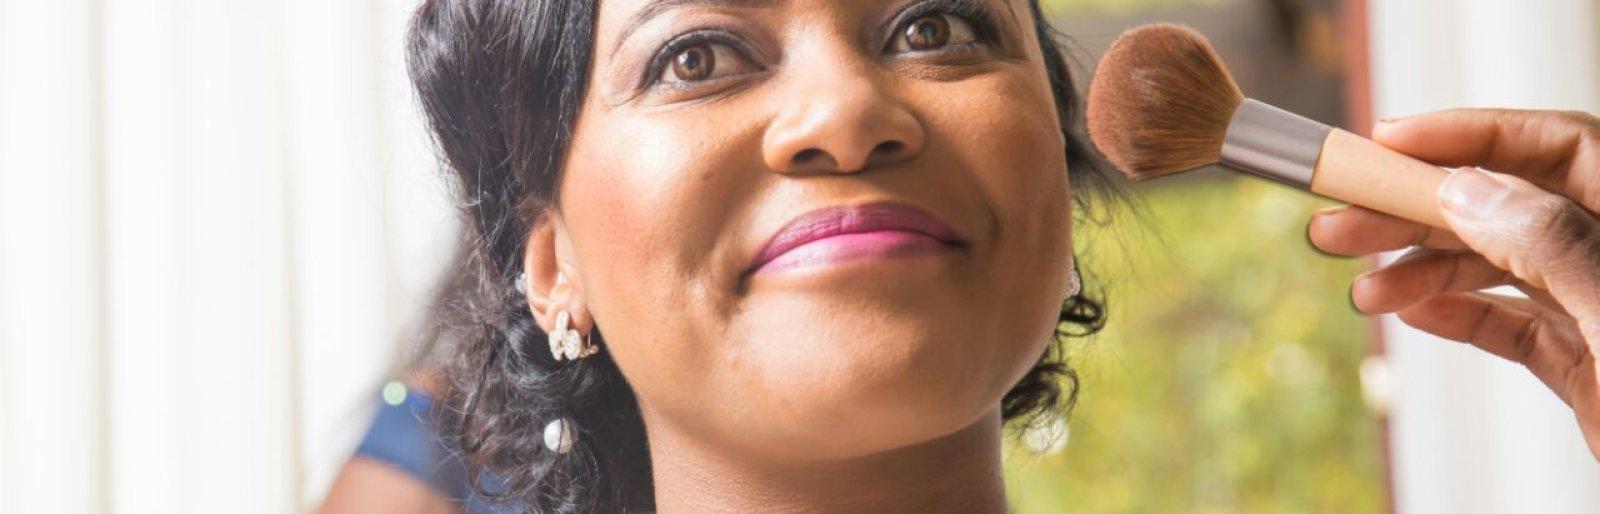 Nosiphiwo Mgijima Bambatha